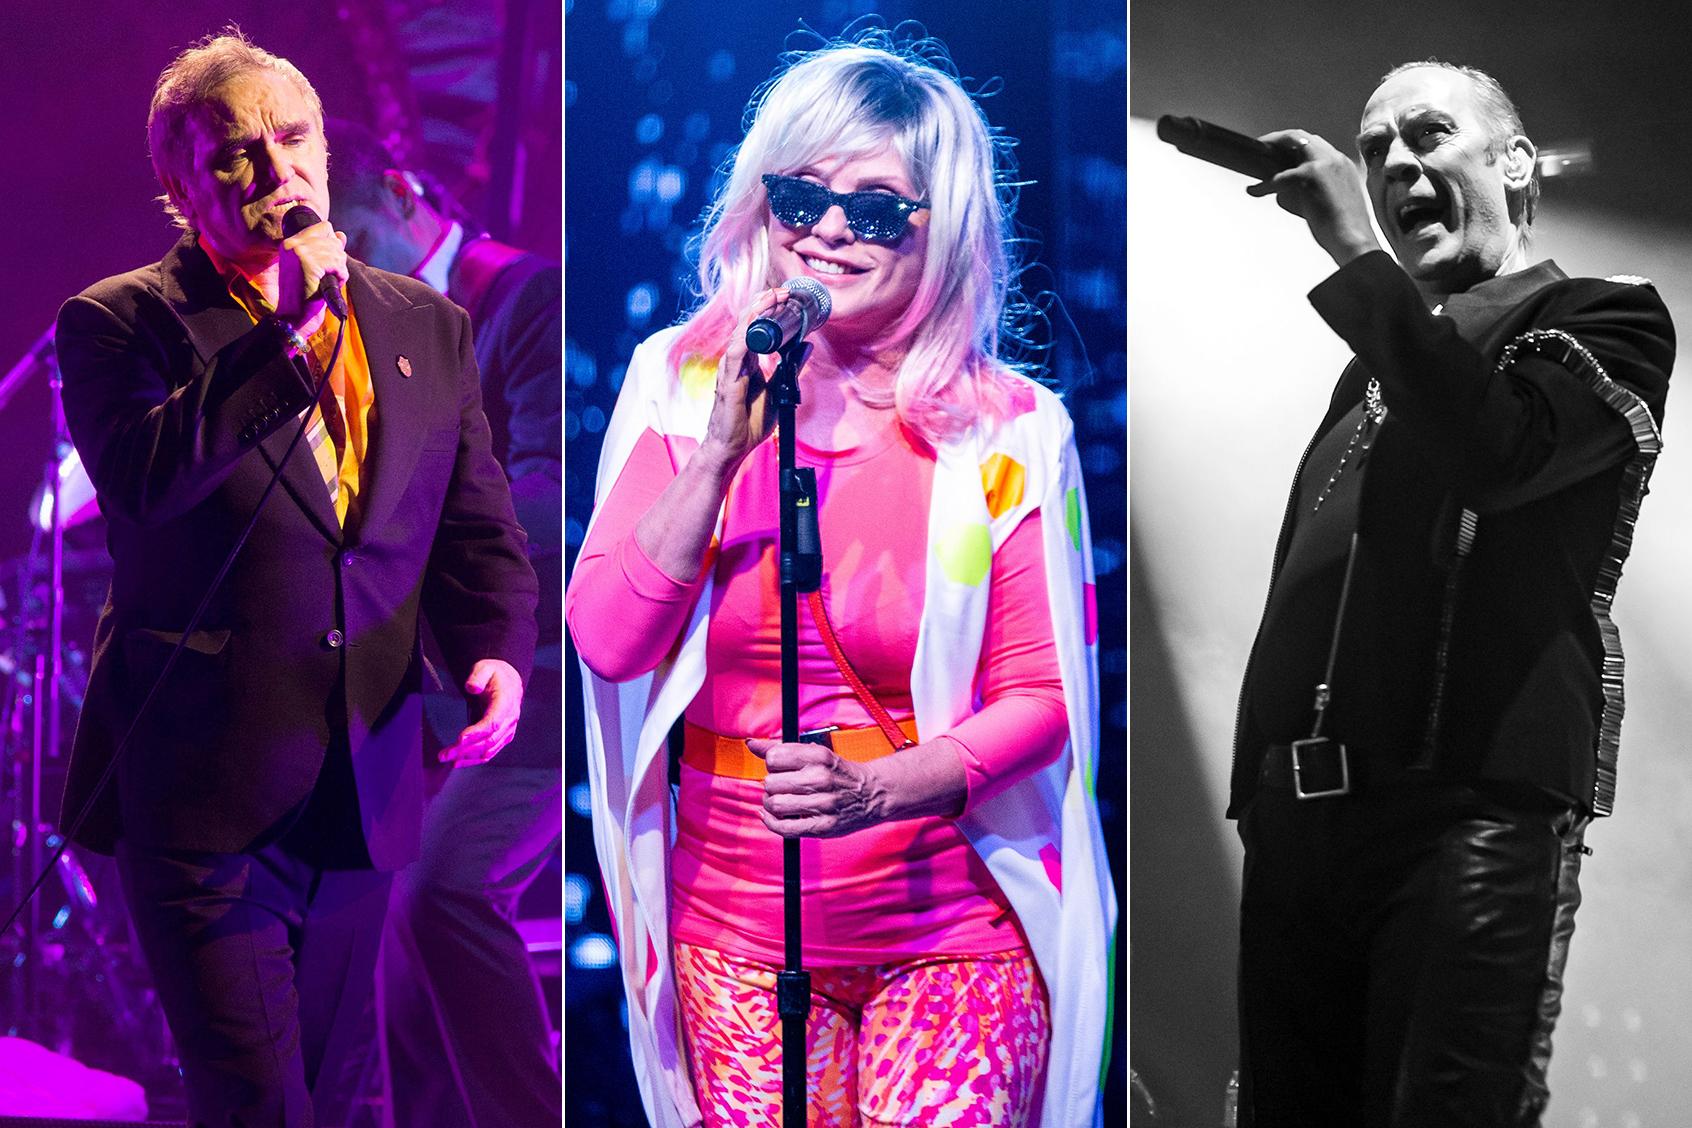 Morrissey, Blondie, Bauhaus to Headline First Cruel World Festival